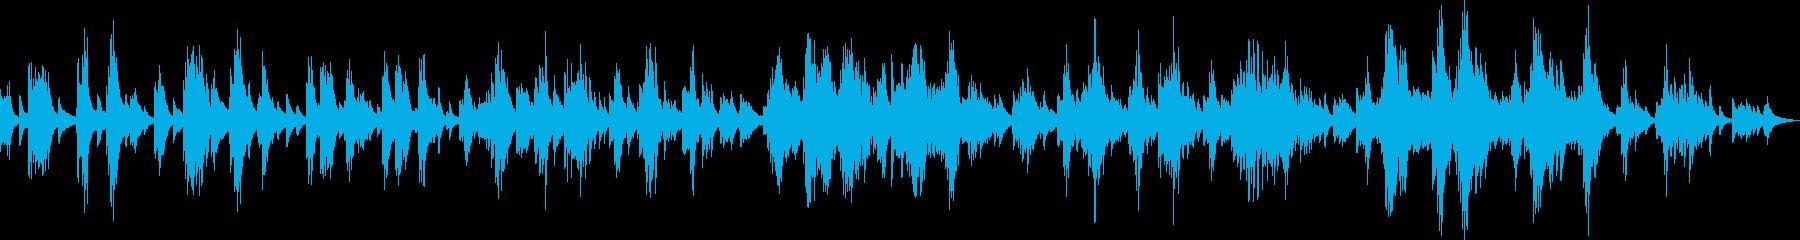 希望を感じさせる美しいピアノ曲(独奏)の再生済みの波形